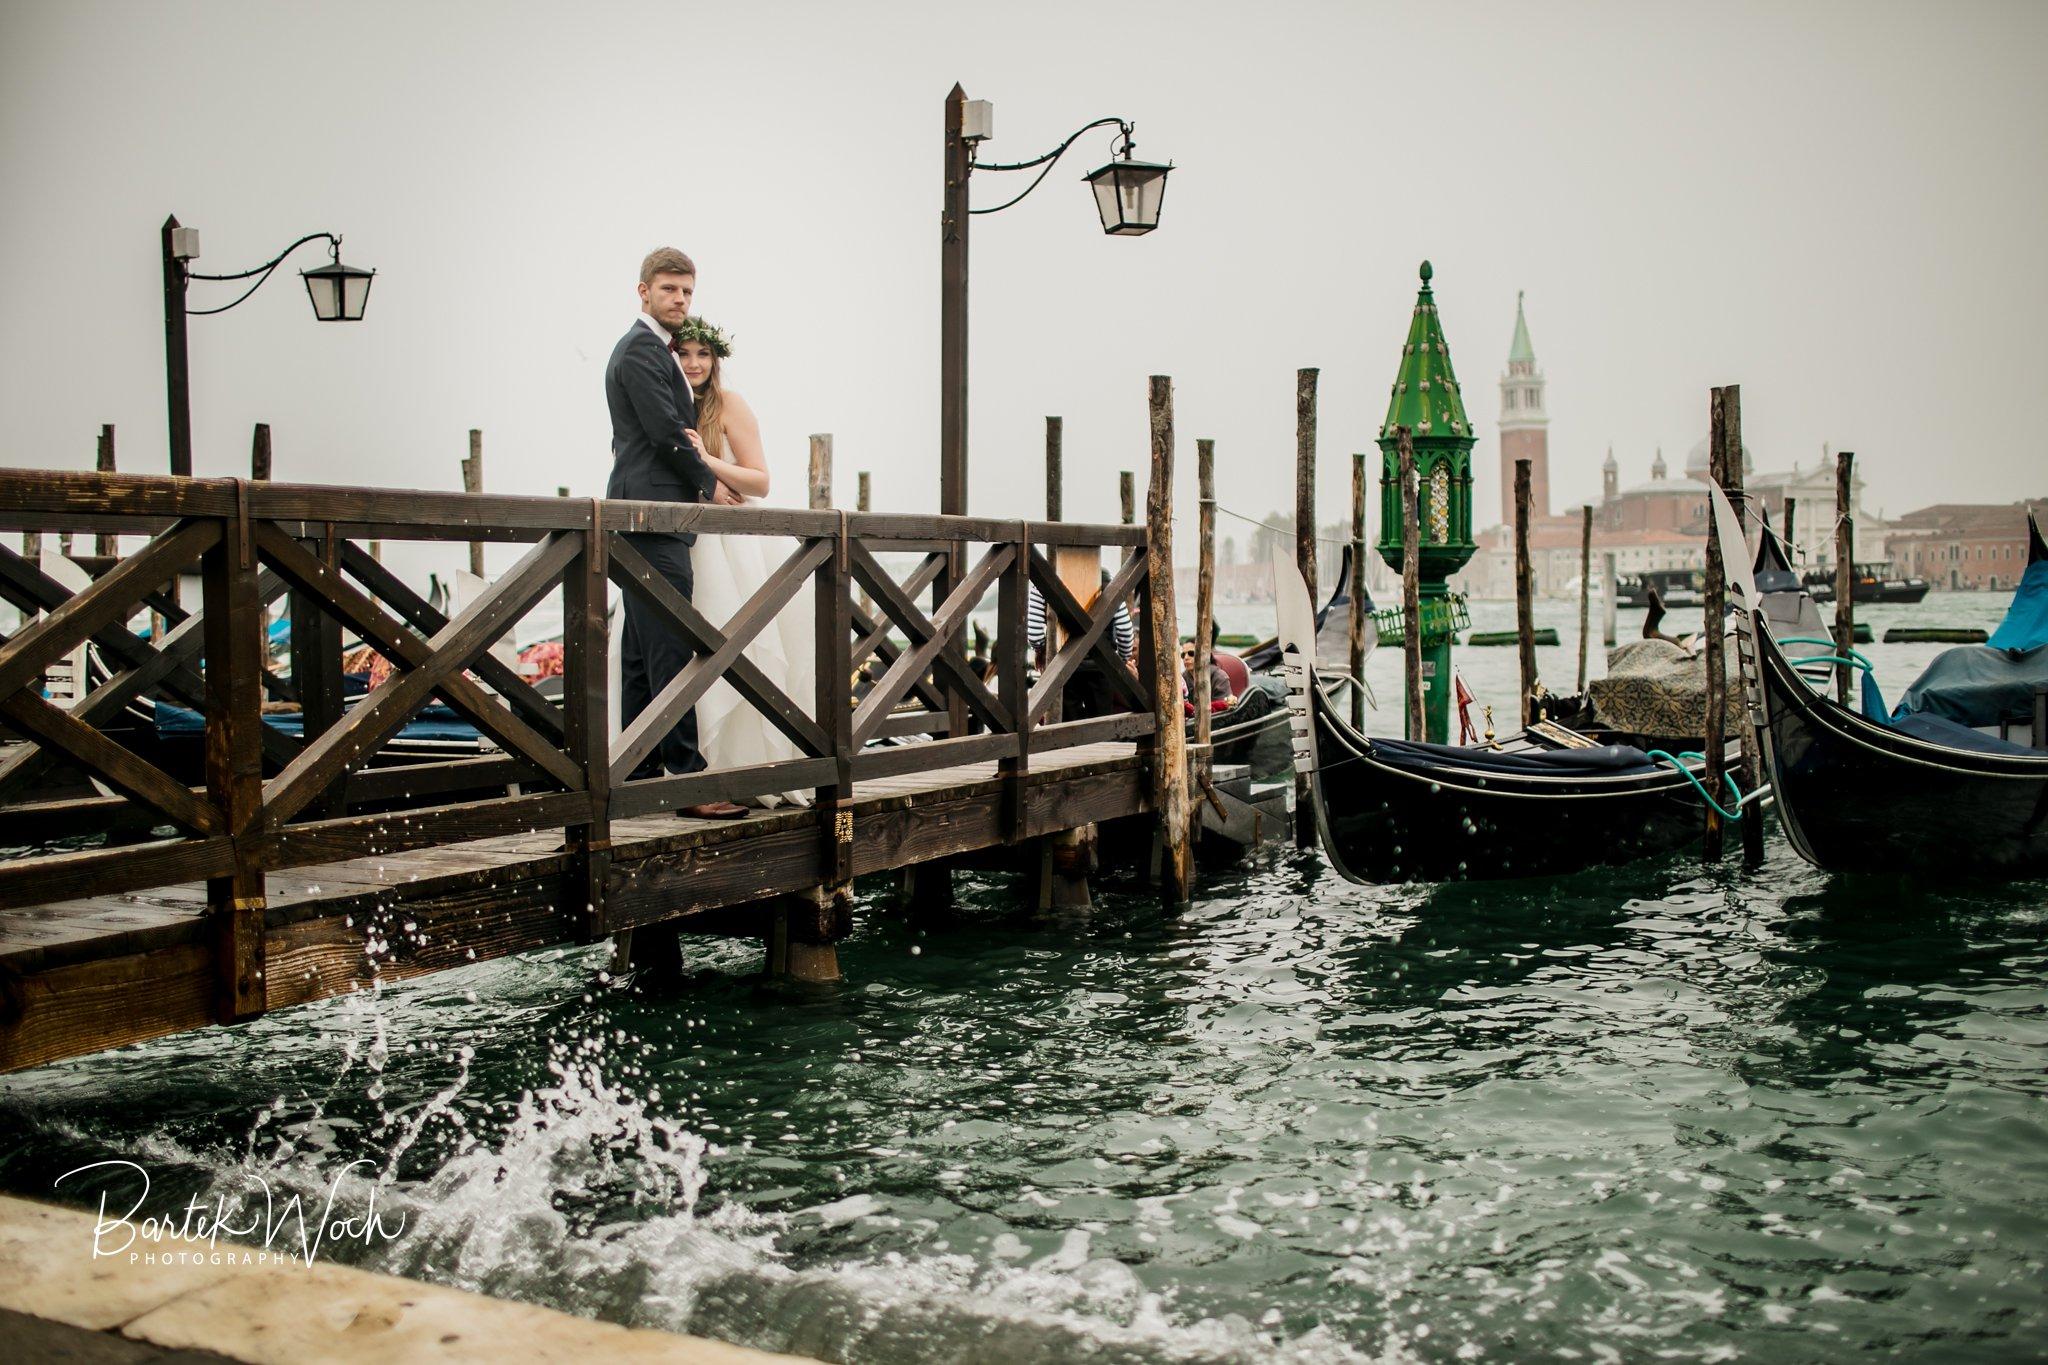 fotografia ślubna, ślub, wesele, slub, zabawa, wedding, party, 0206 Patrycja+Dawid i sesja portretowa w Wenecji